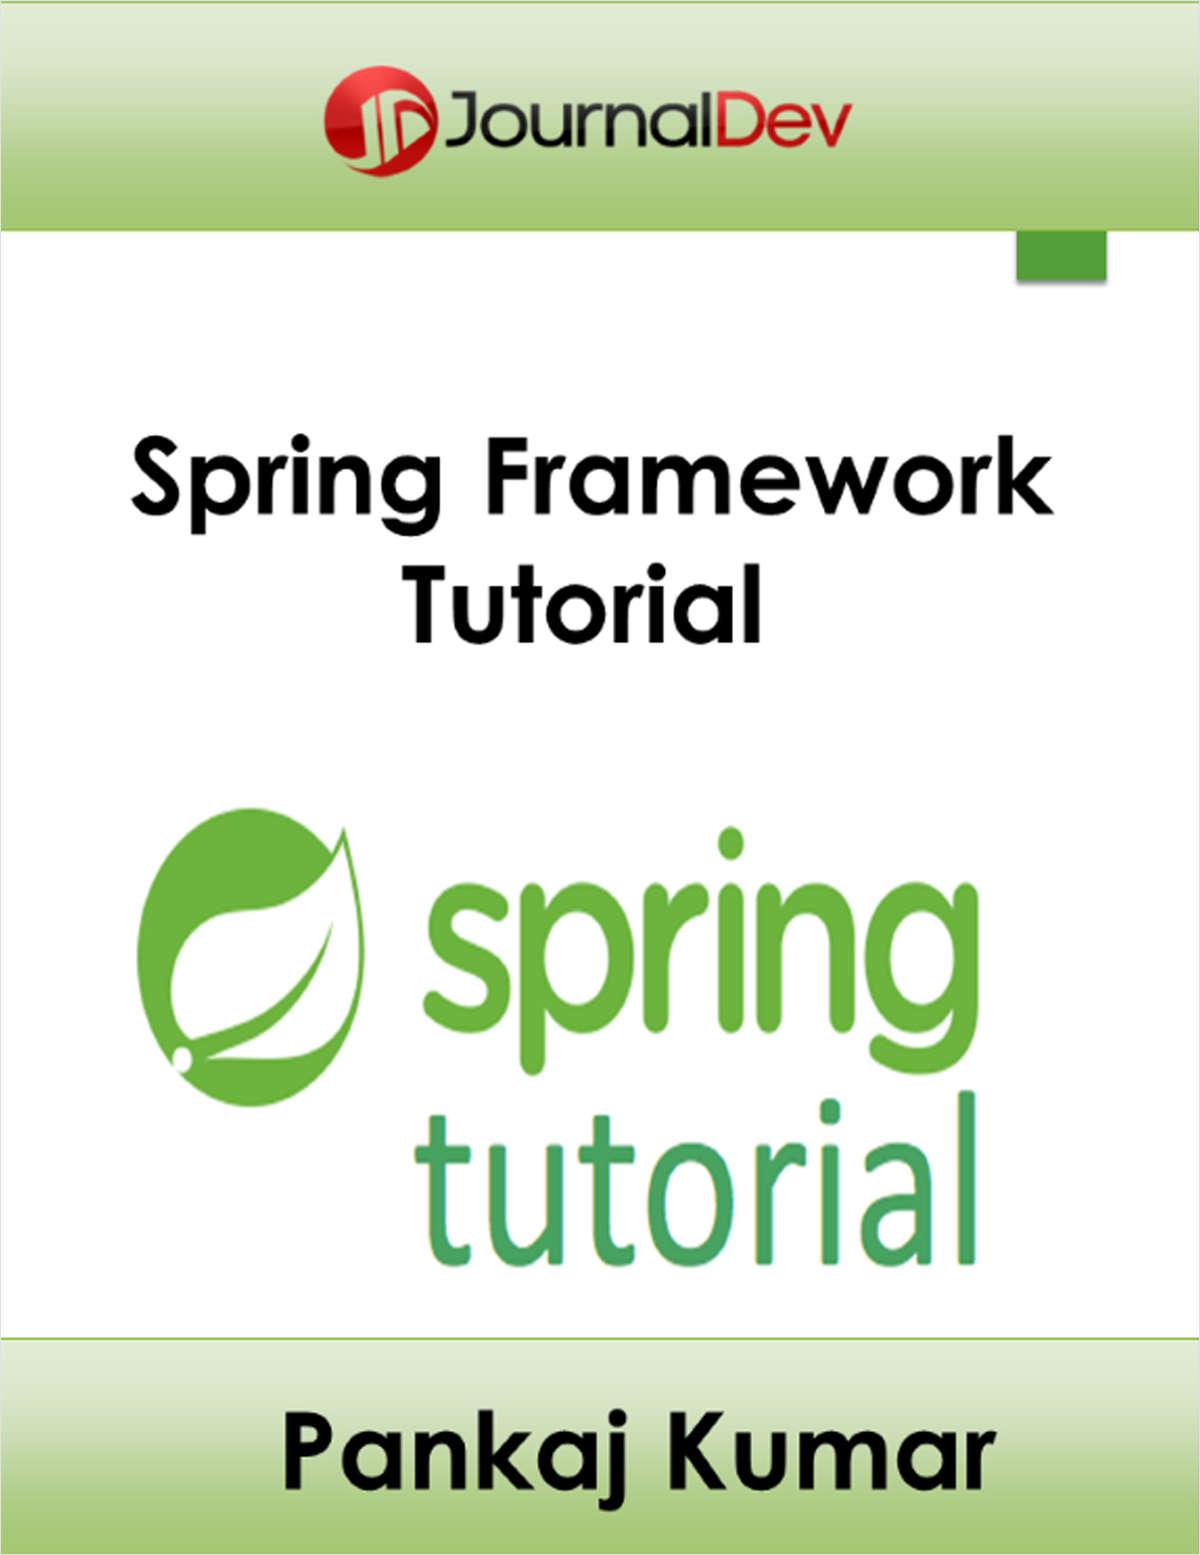 Java ee spring framework tutorial free journal dev ebook baditri Gallery